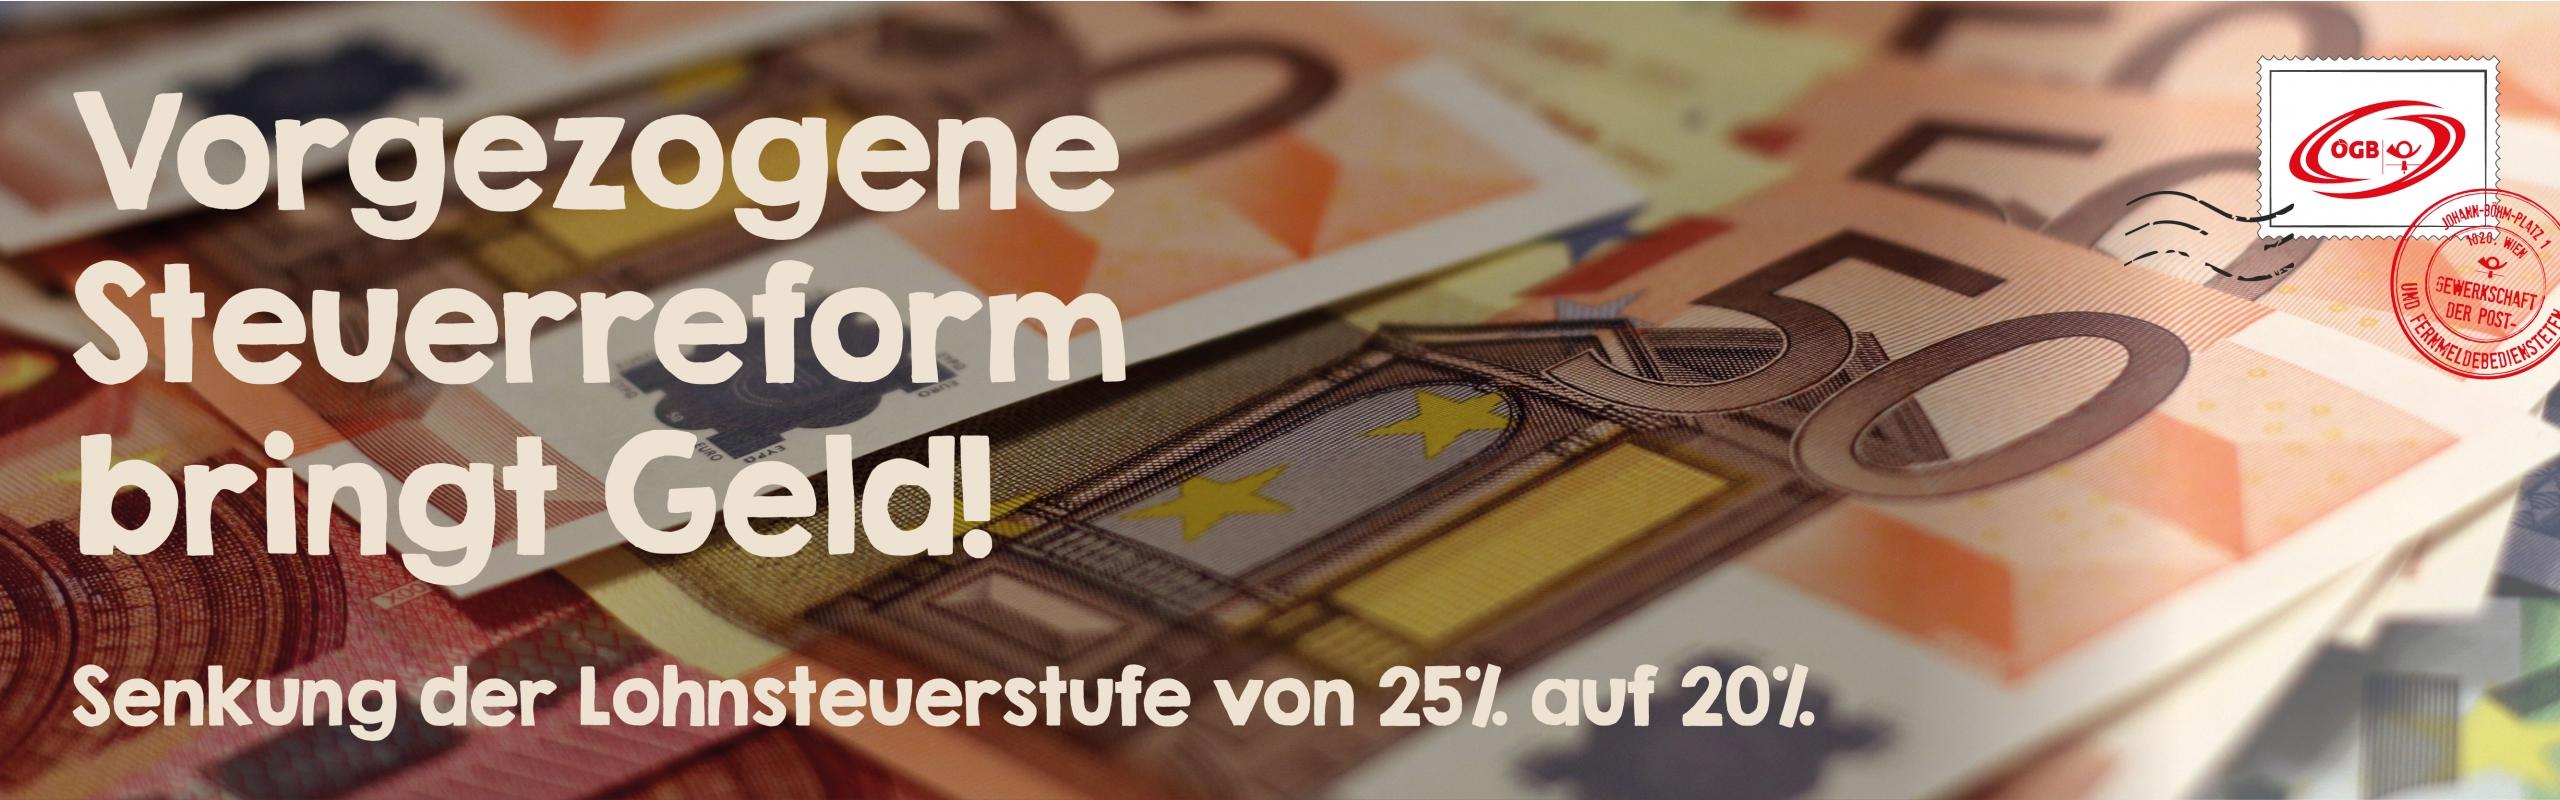 Steuerreform Senkung der Lohnsteuerstufe von 25%auf 20%_Banner